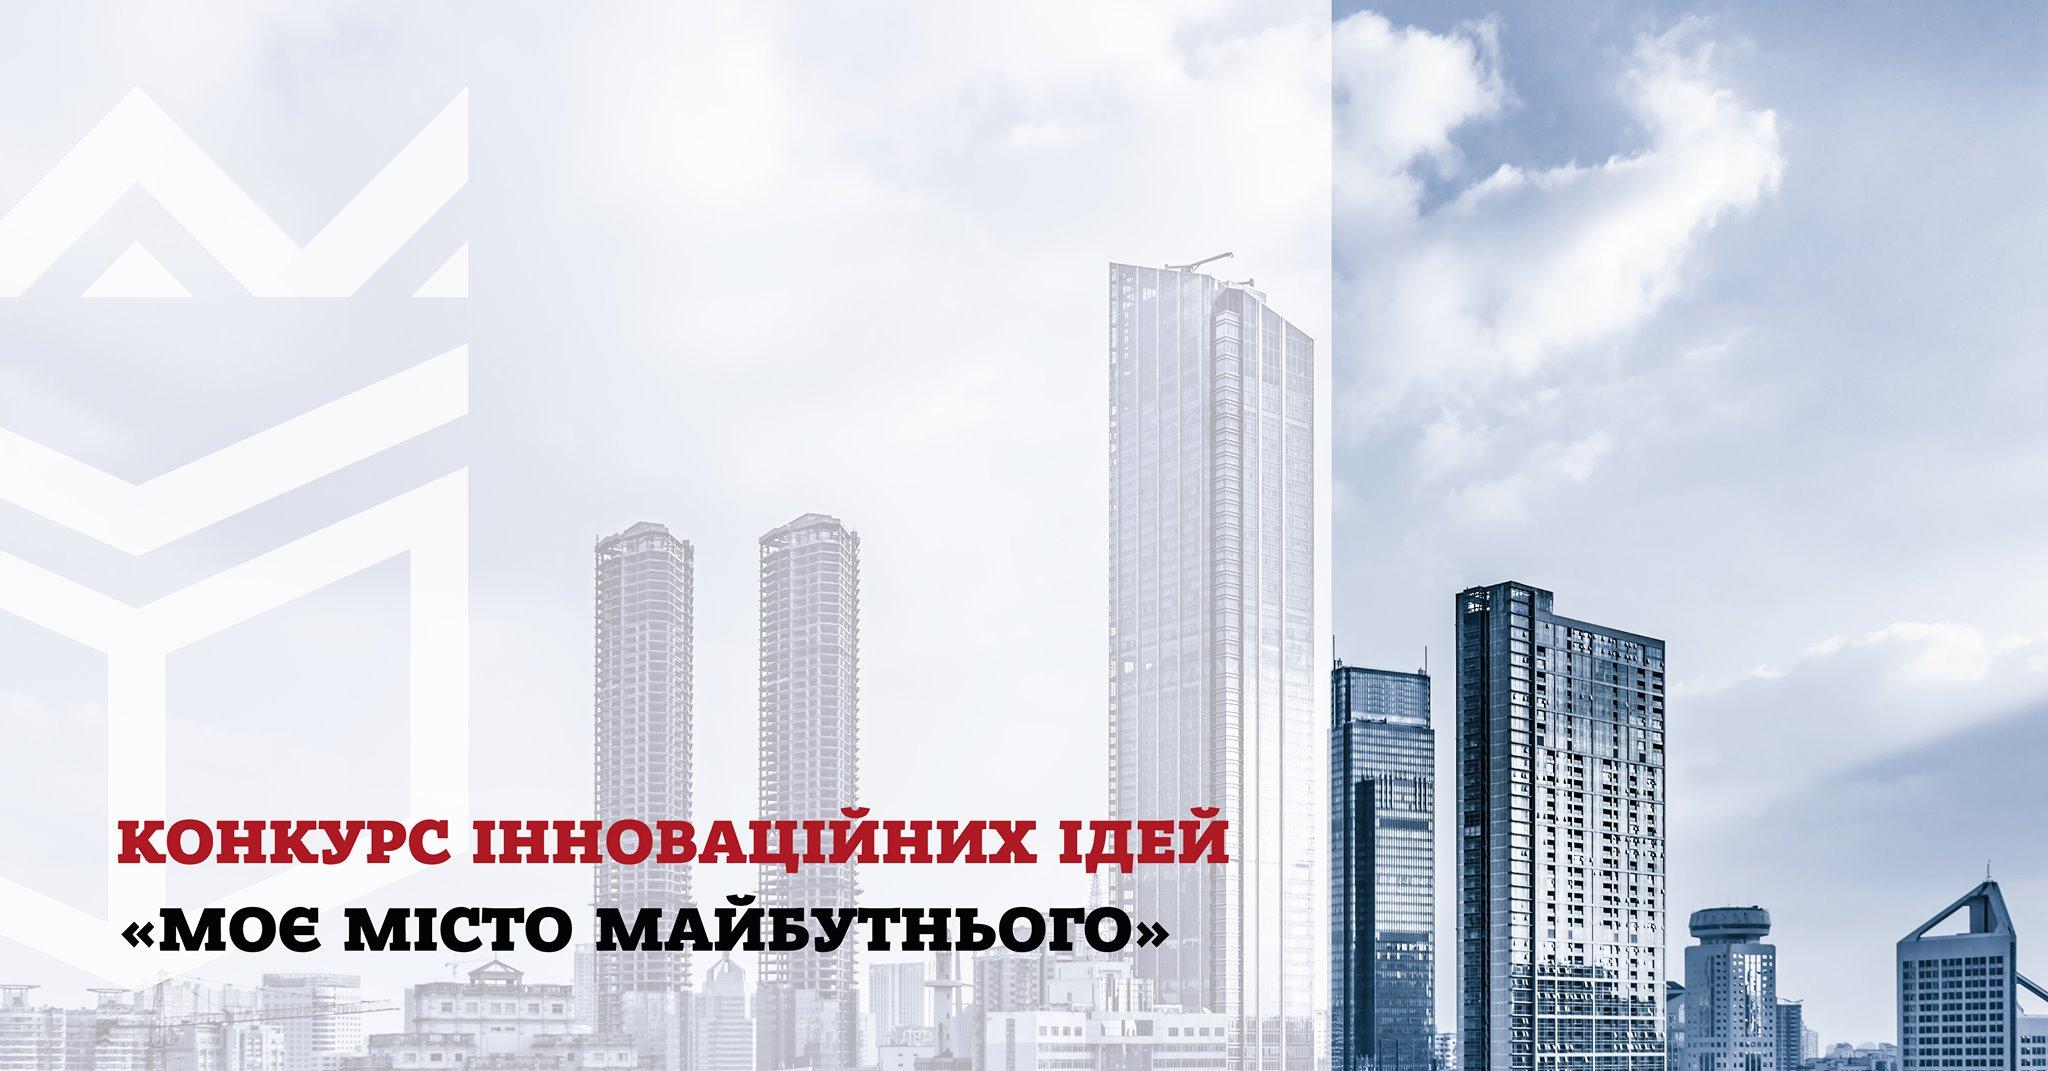 Конкурс інноваційних ідей «Моє місто майбутнього»